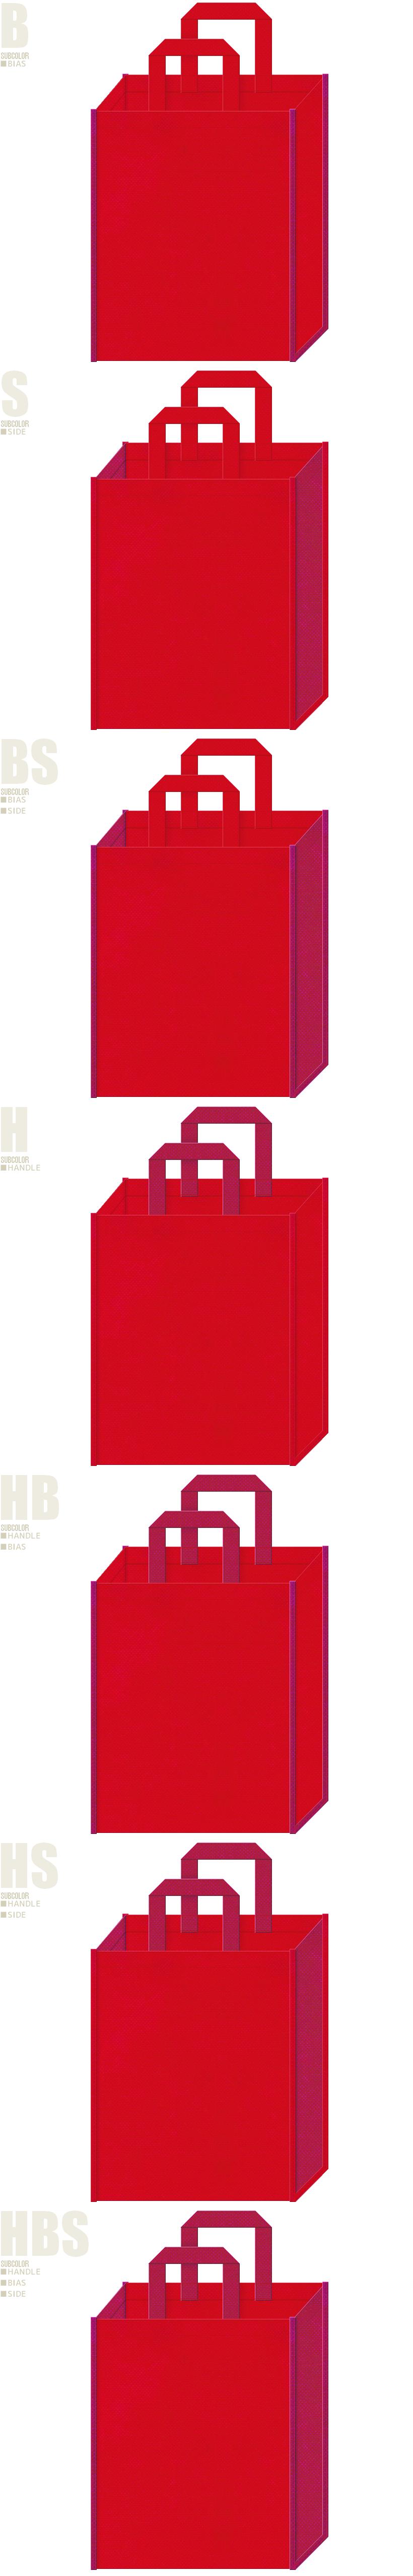 不織布トートバッグのデザイン:不織布カラーNo.35ワインレッドとNo.39ピンクバイオレットの組み合わせ